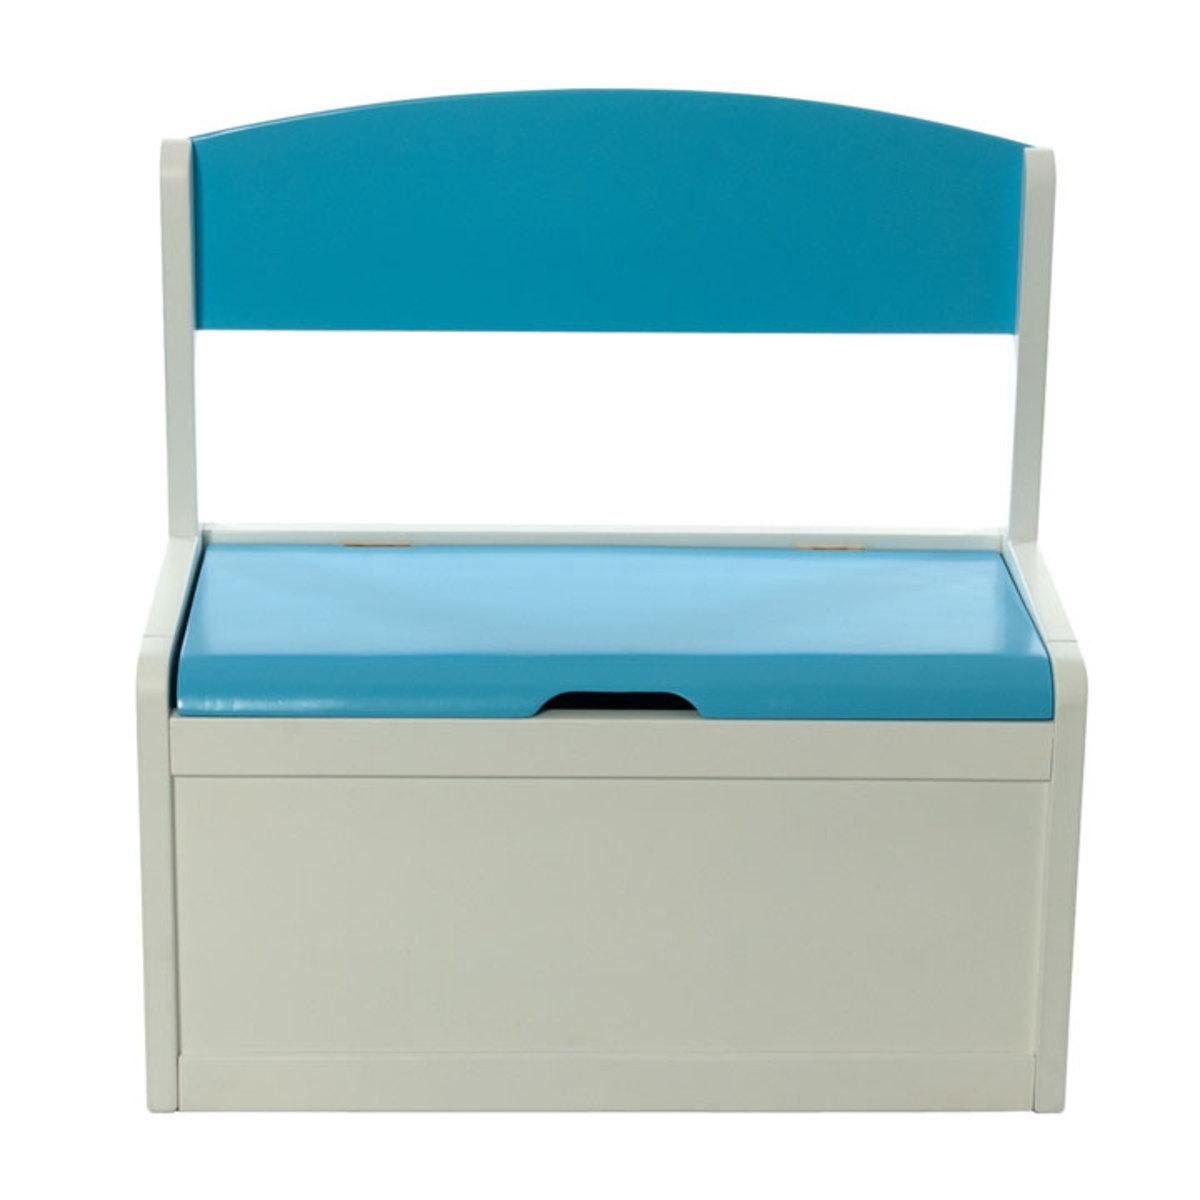 nouveau produit a0f34 bafb0 Coffre à jouets Fabio XL - bleu